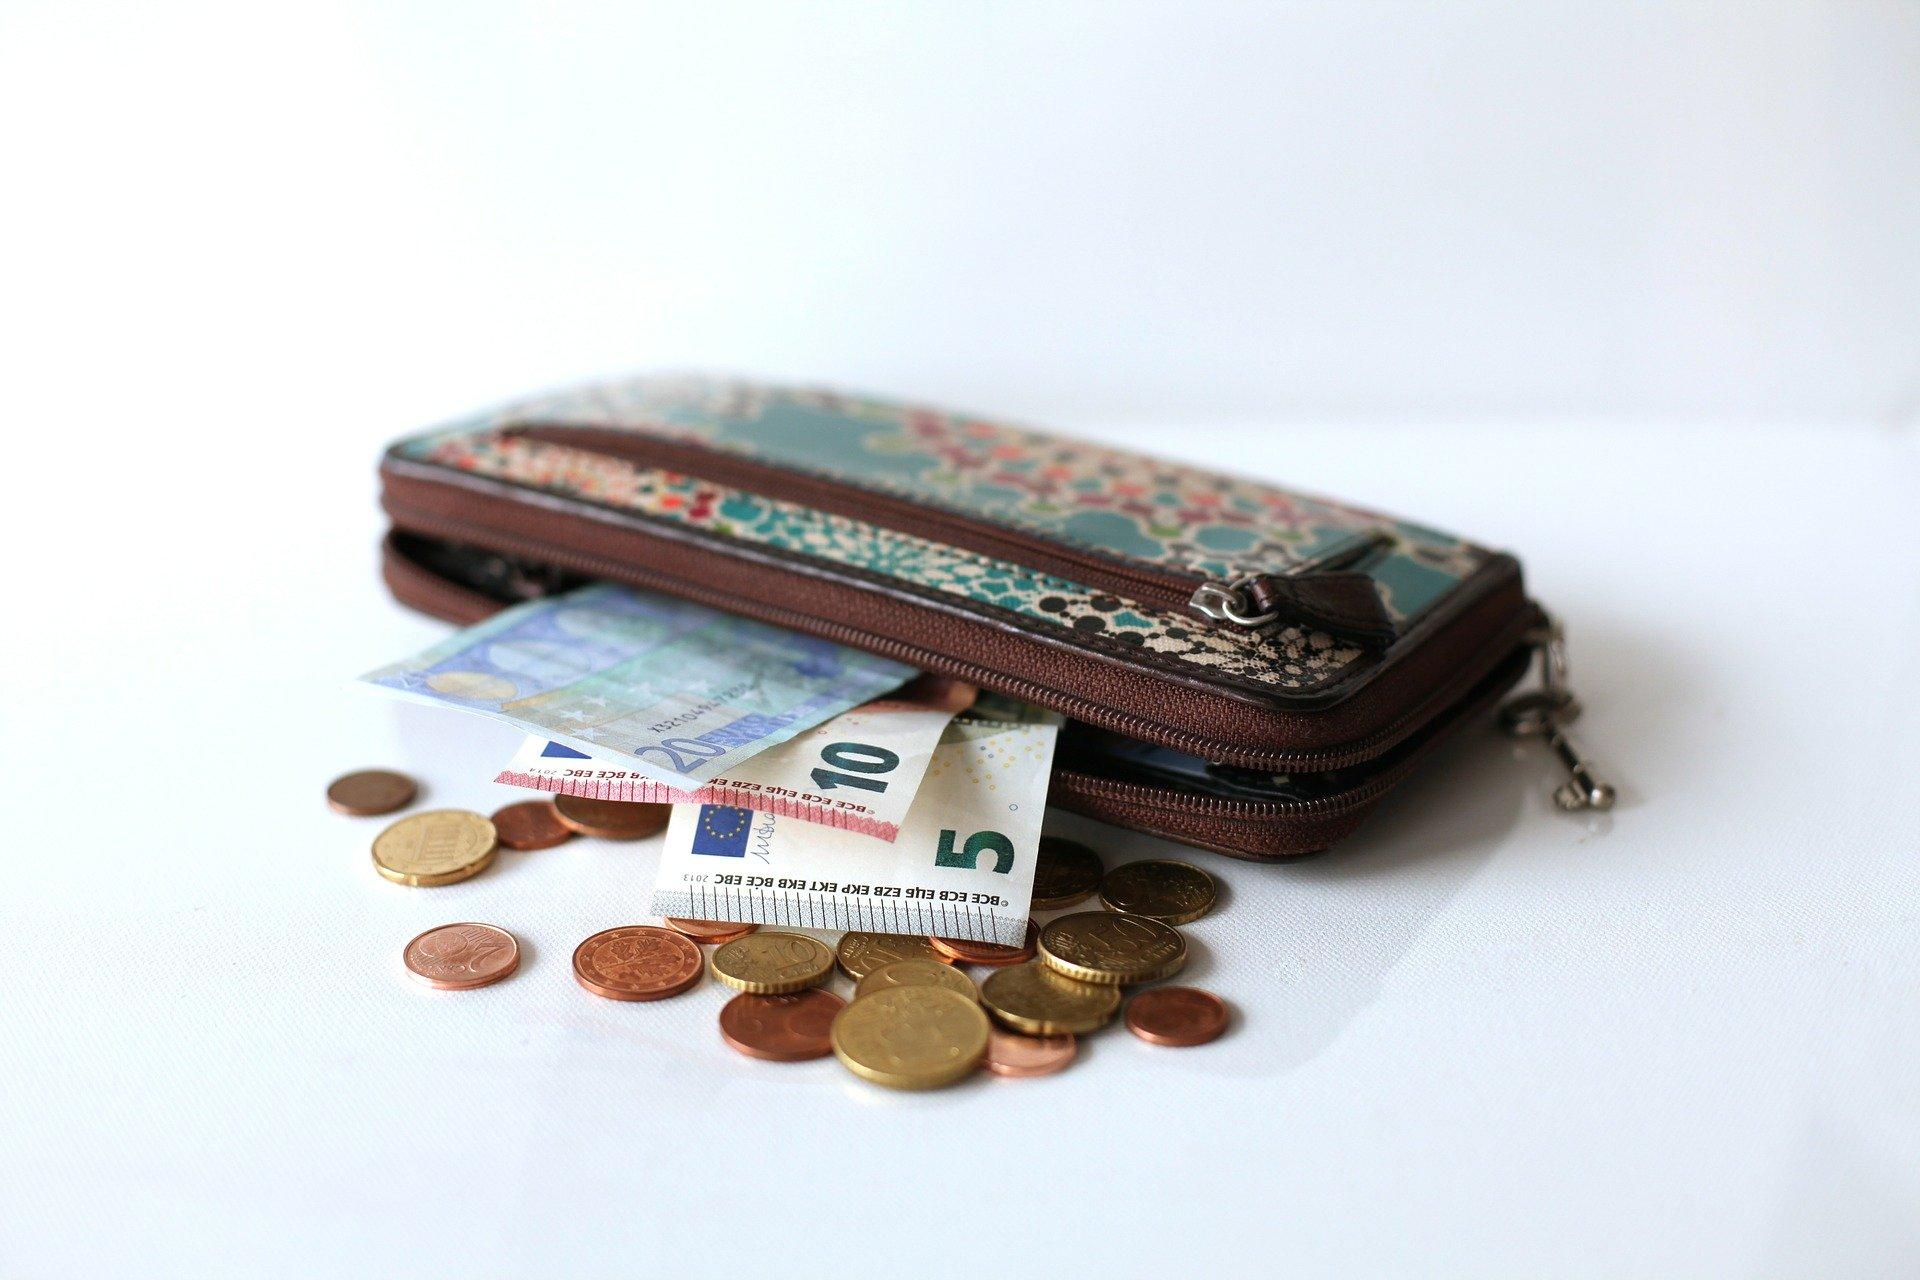 紙幣と硬貨を同じ財布に入れたら金運は落ちるのか